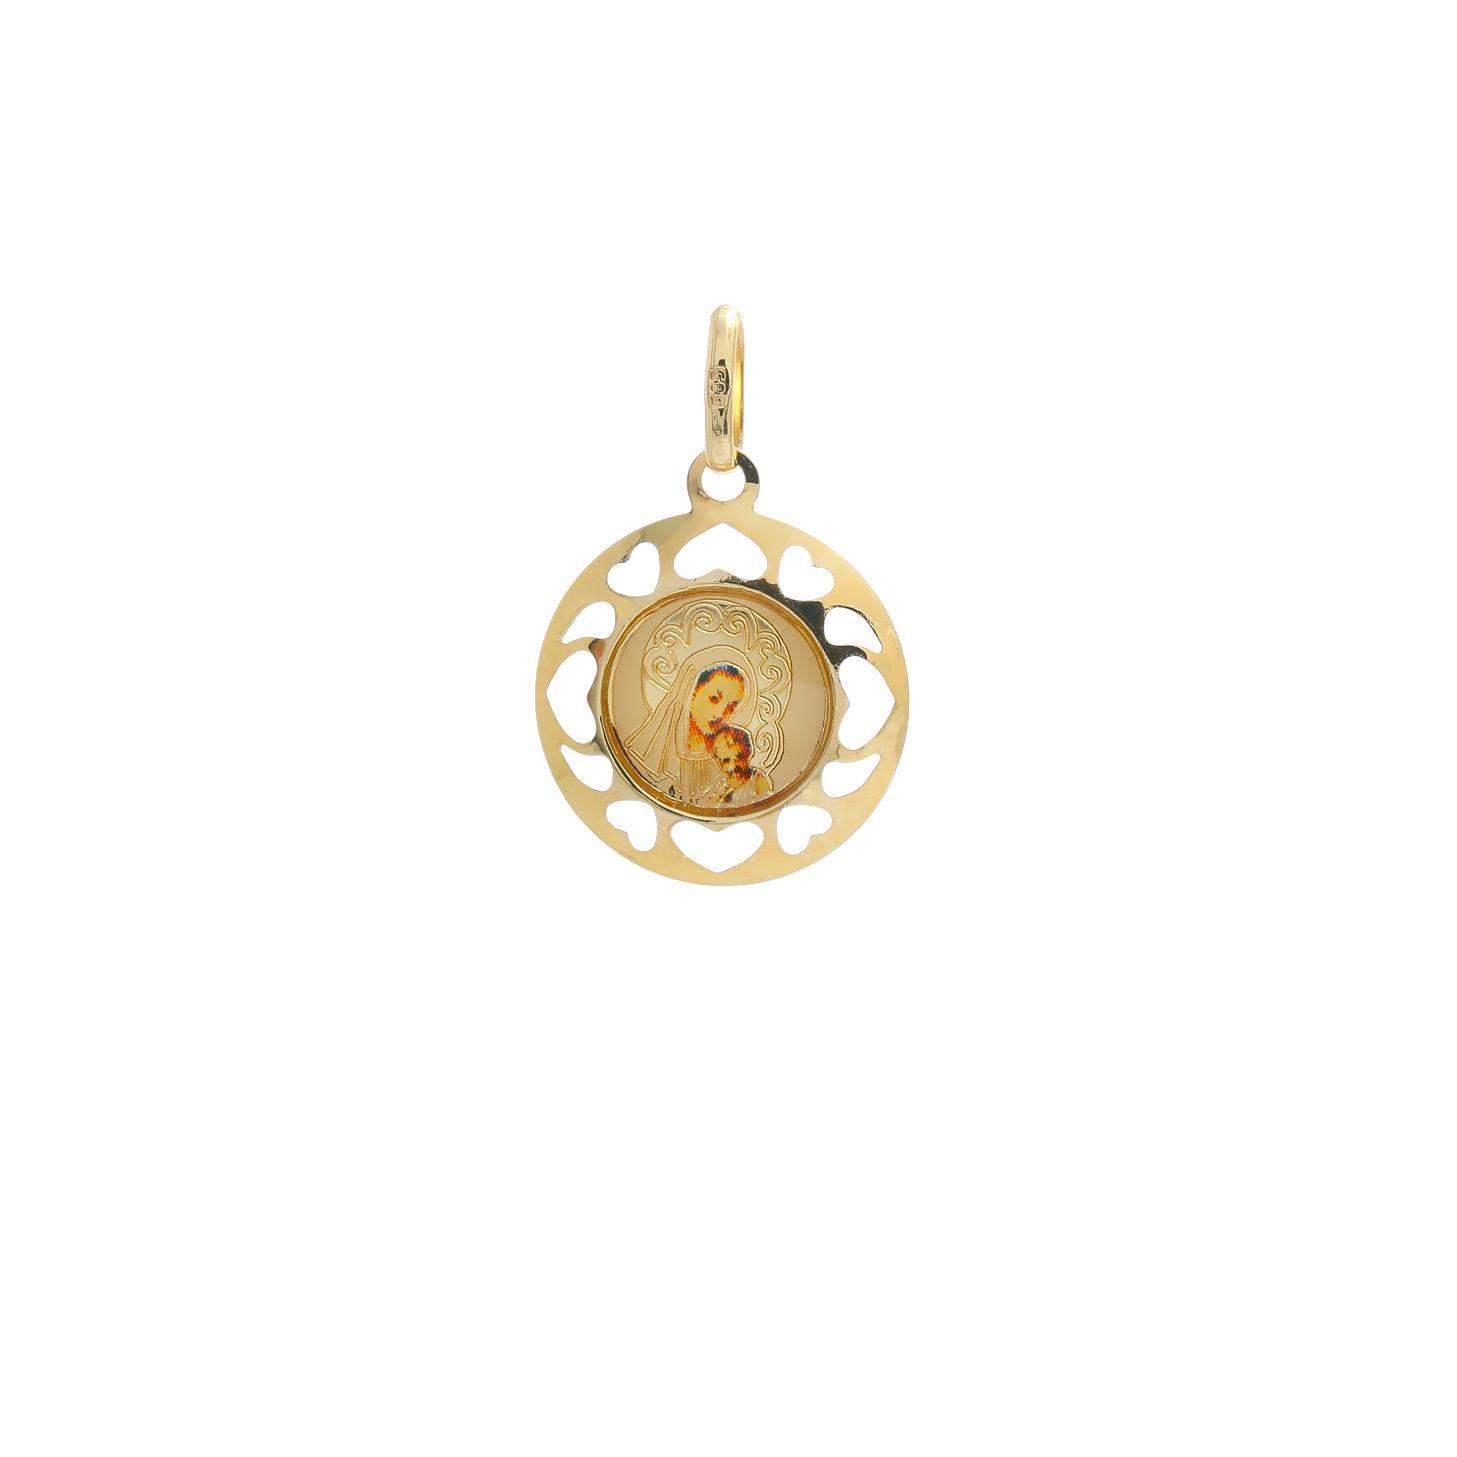 Zlatý okrúhly medailón Madony s dieťatkom  10VS00462